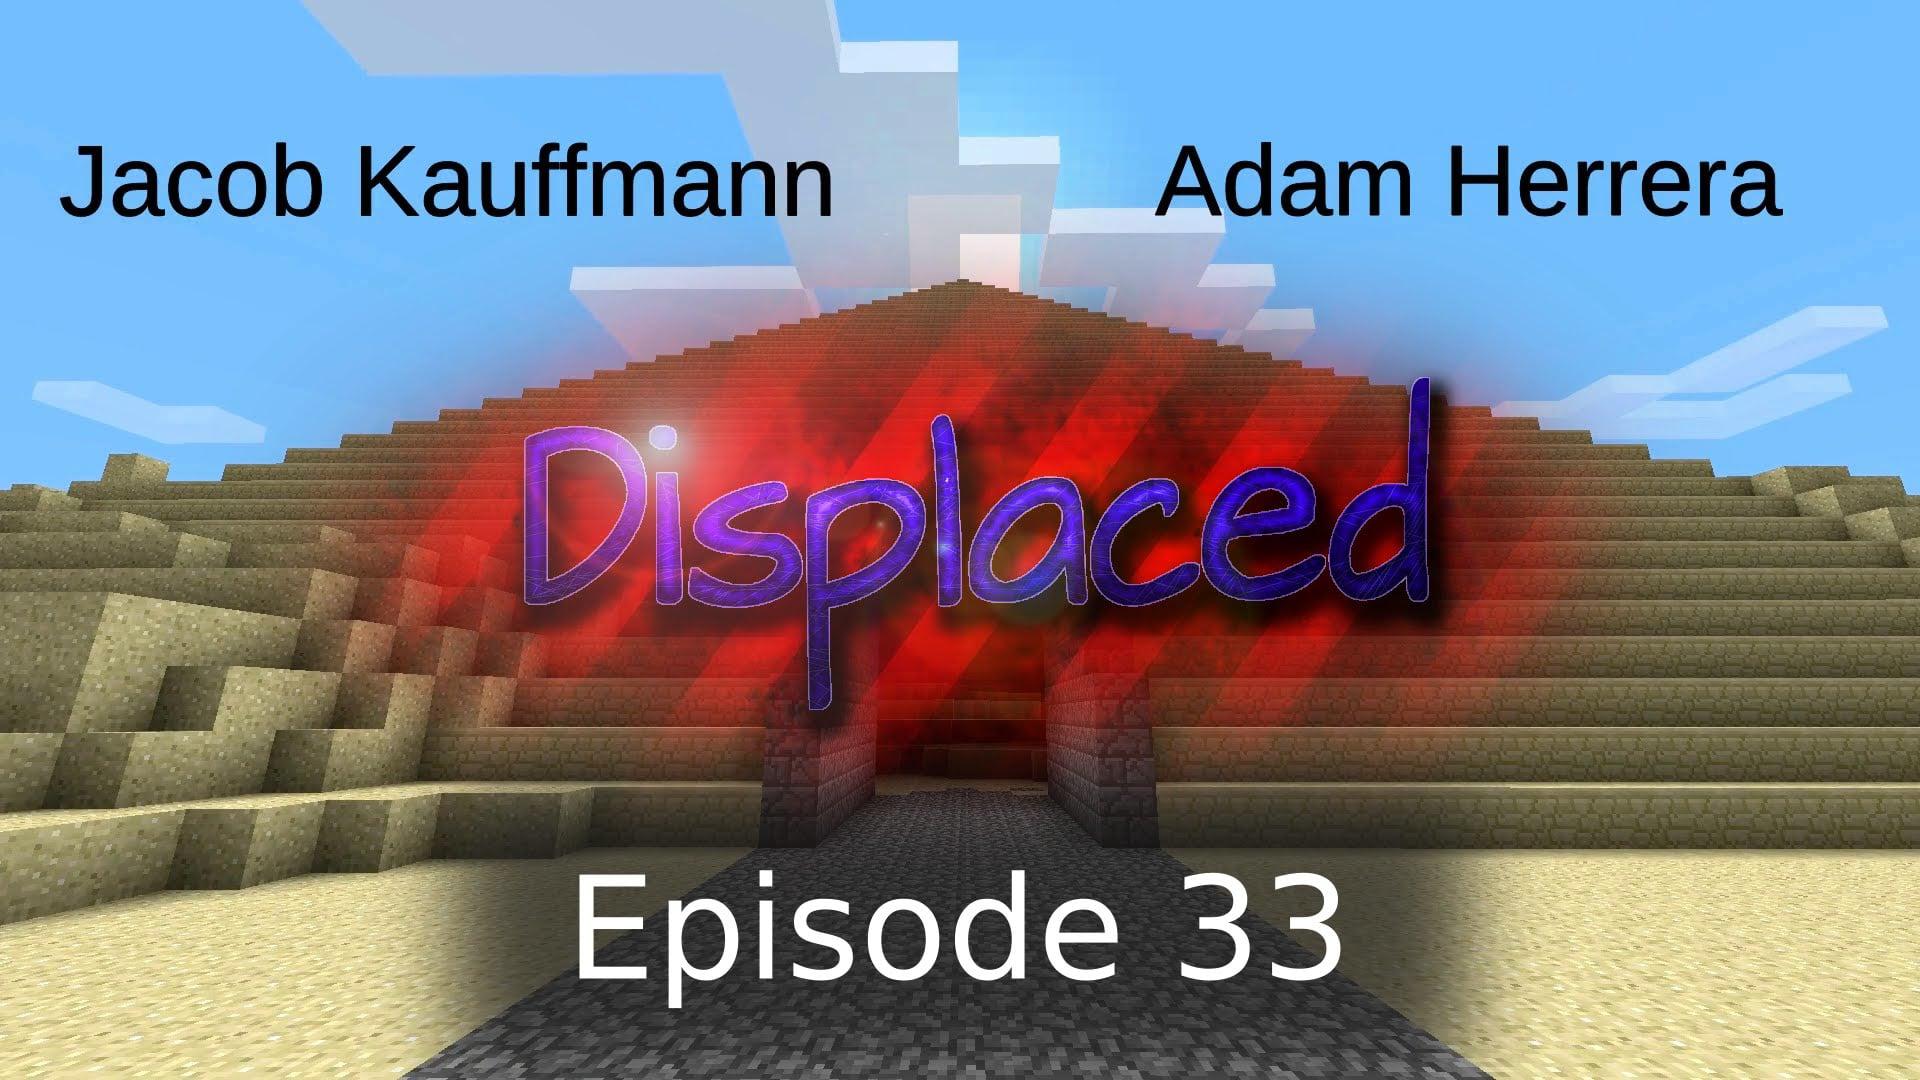 Episode 33 - Displaced